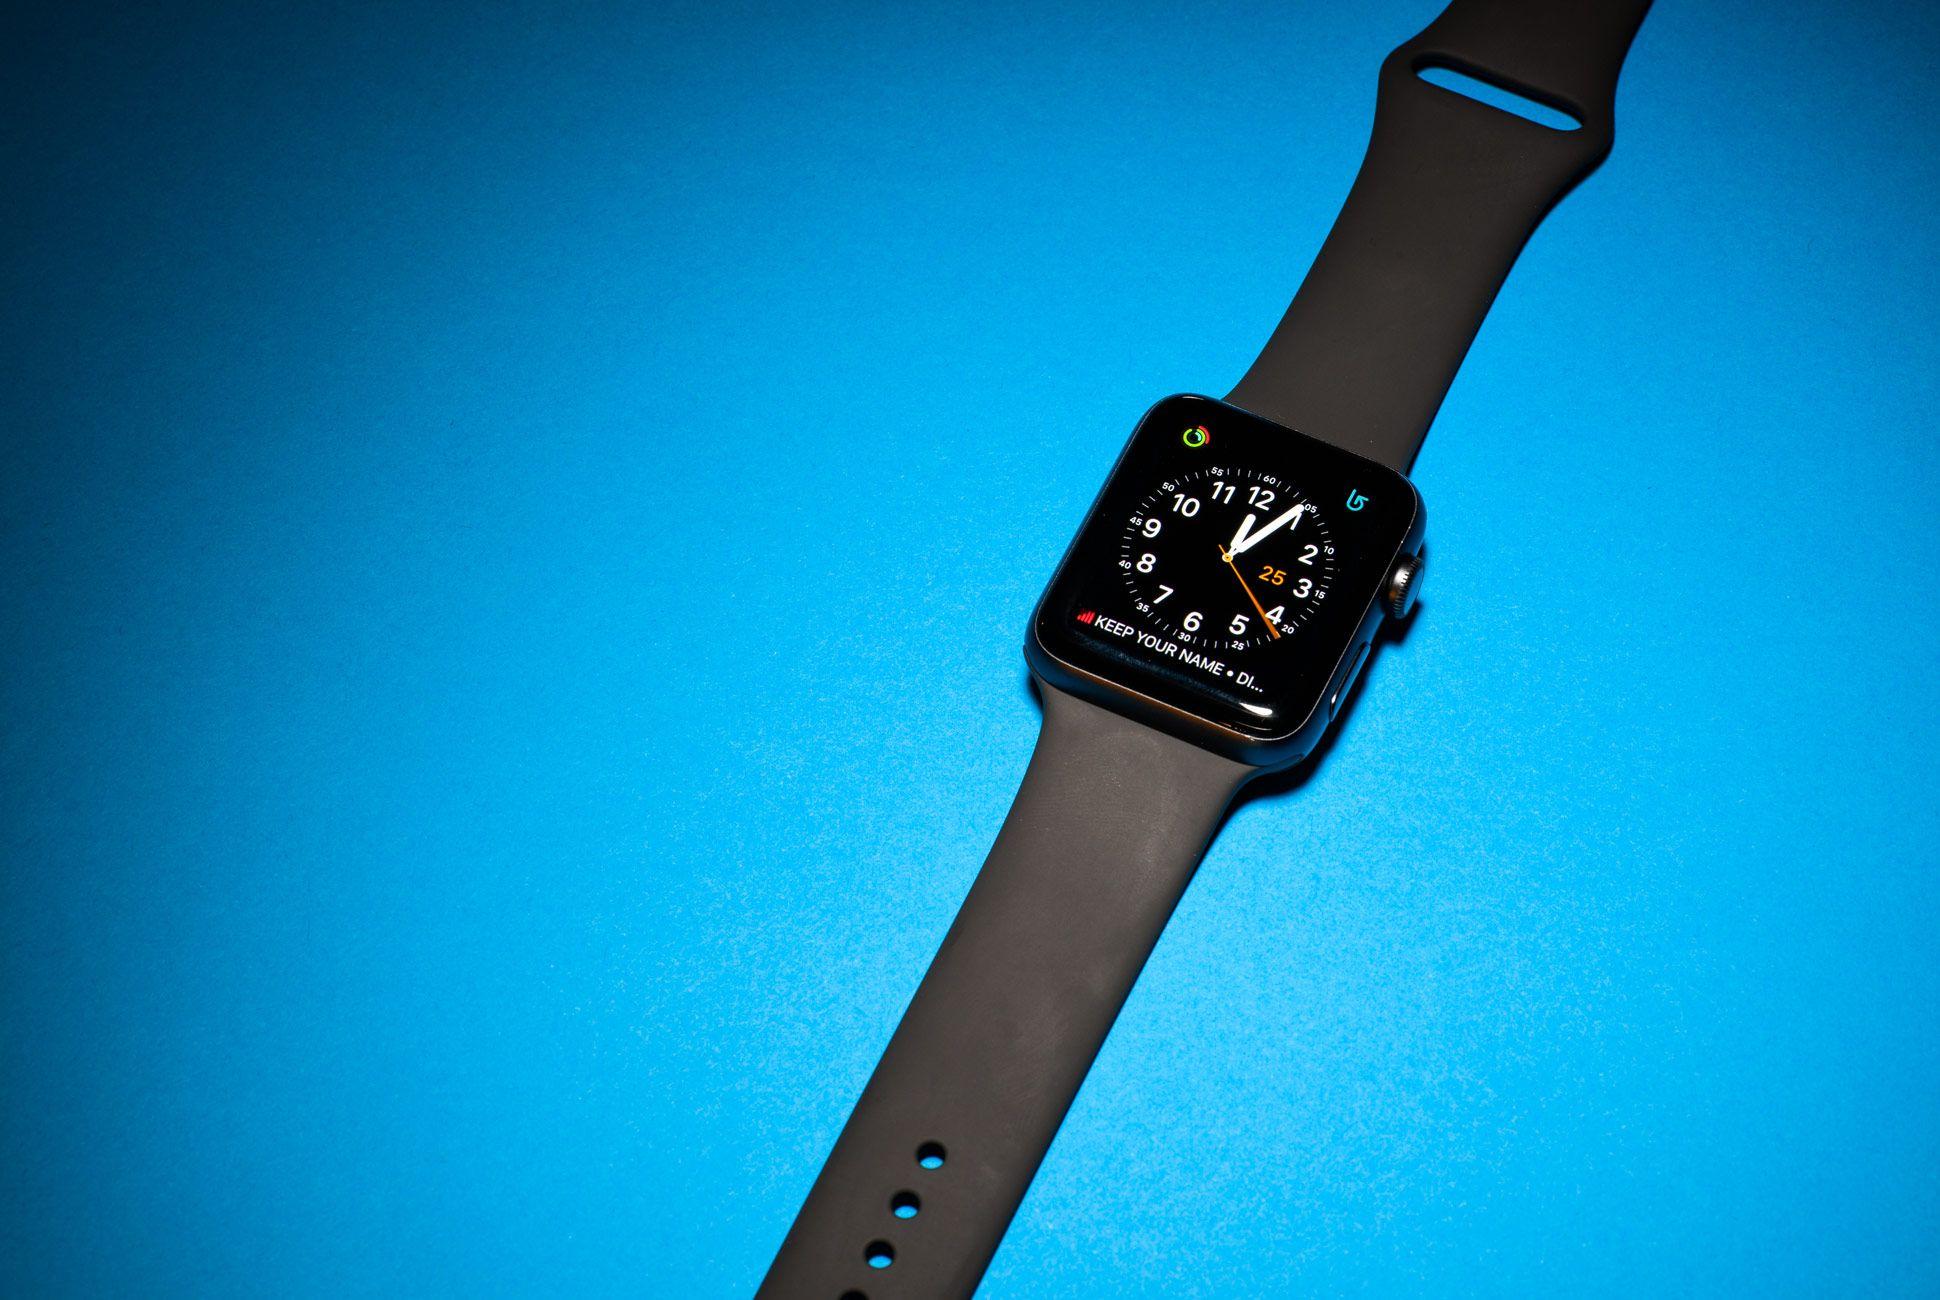 Apple-Watch-3-Gear-Patrol-Slide-5